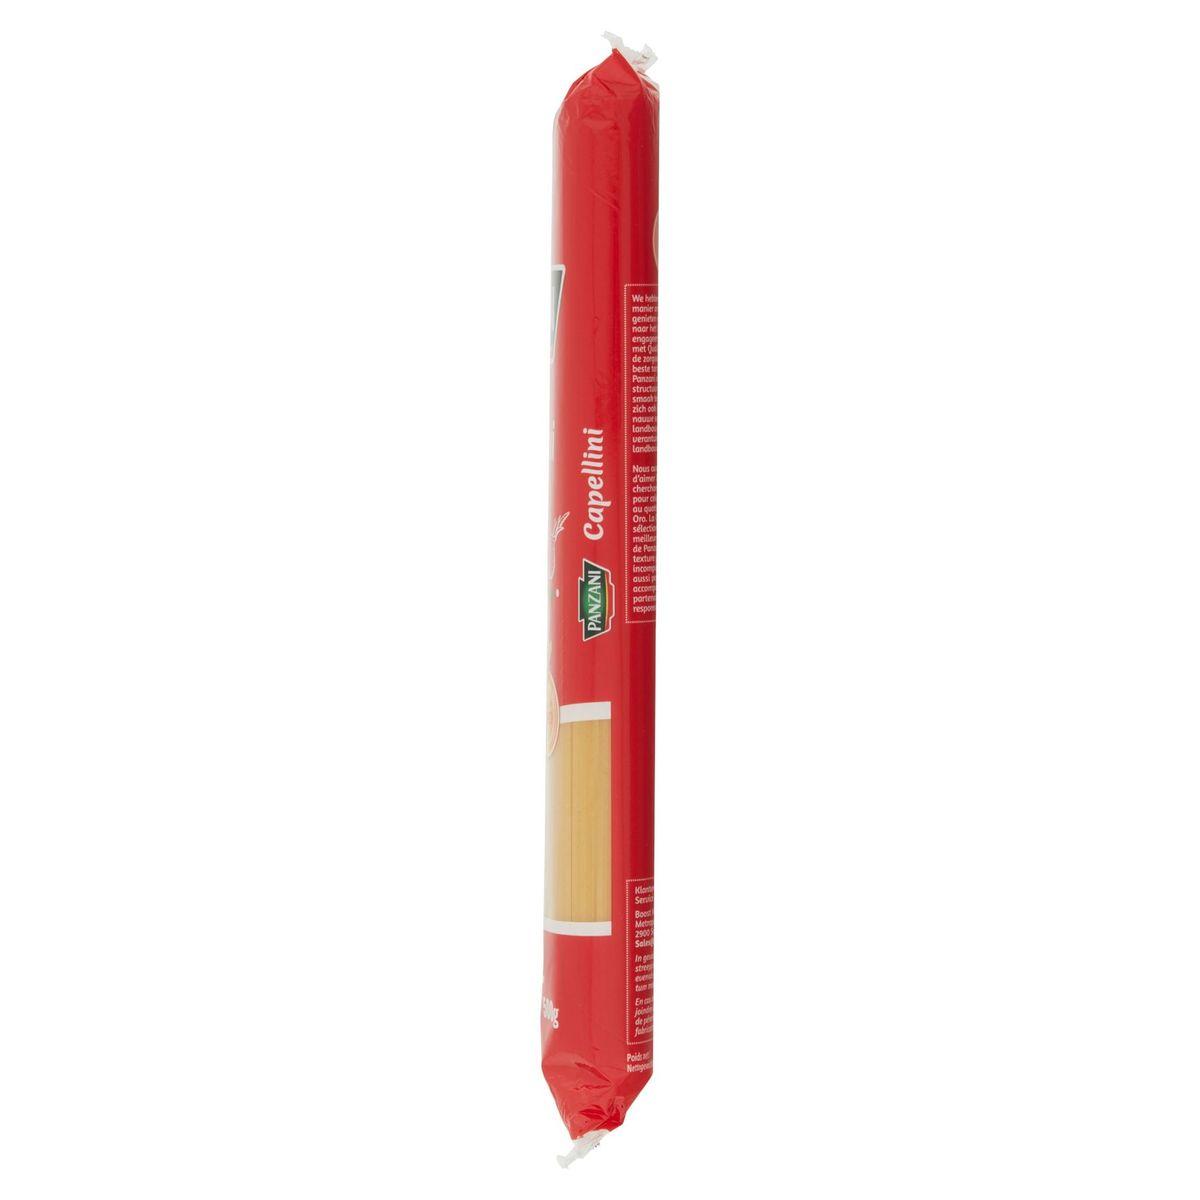 Panzani Capellini 500 g